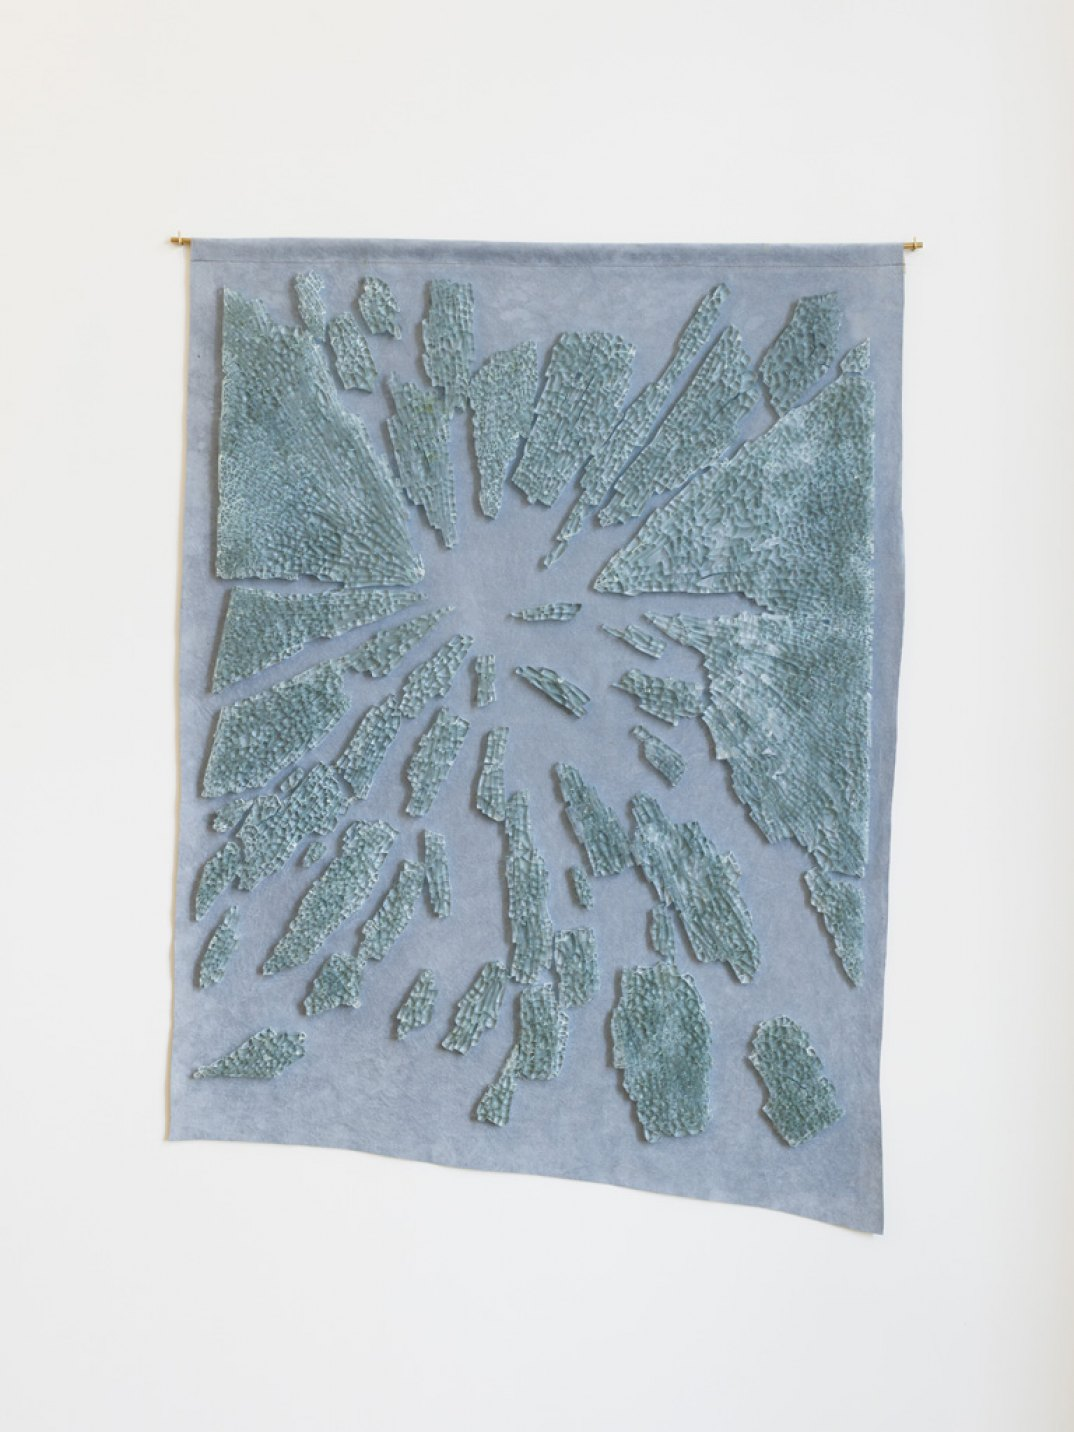 Giulio Delvè<em>,Acquapazza,</em> 2017,tempered glass panel on fabric, 60 × 45 cm<br> - Mendes Wood DM